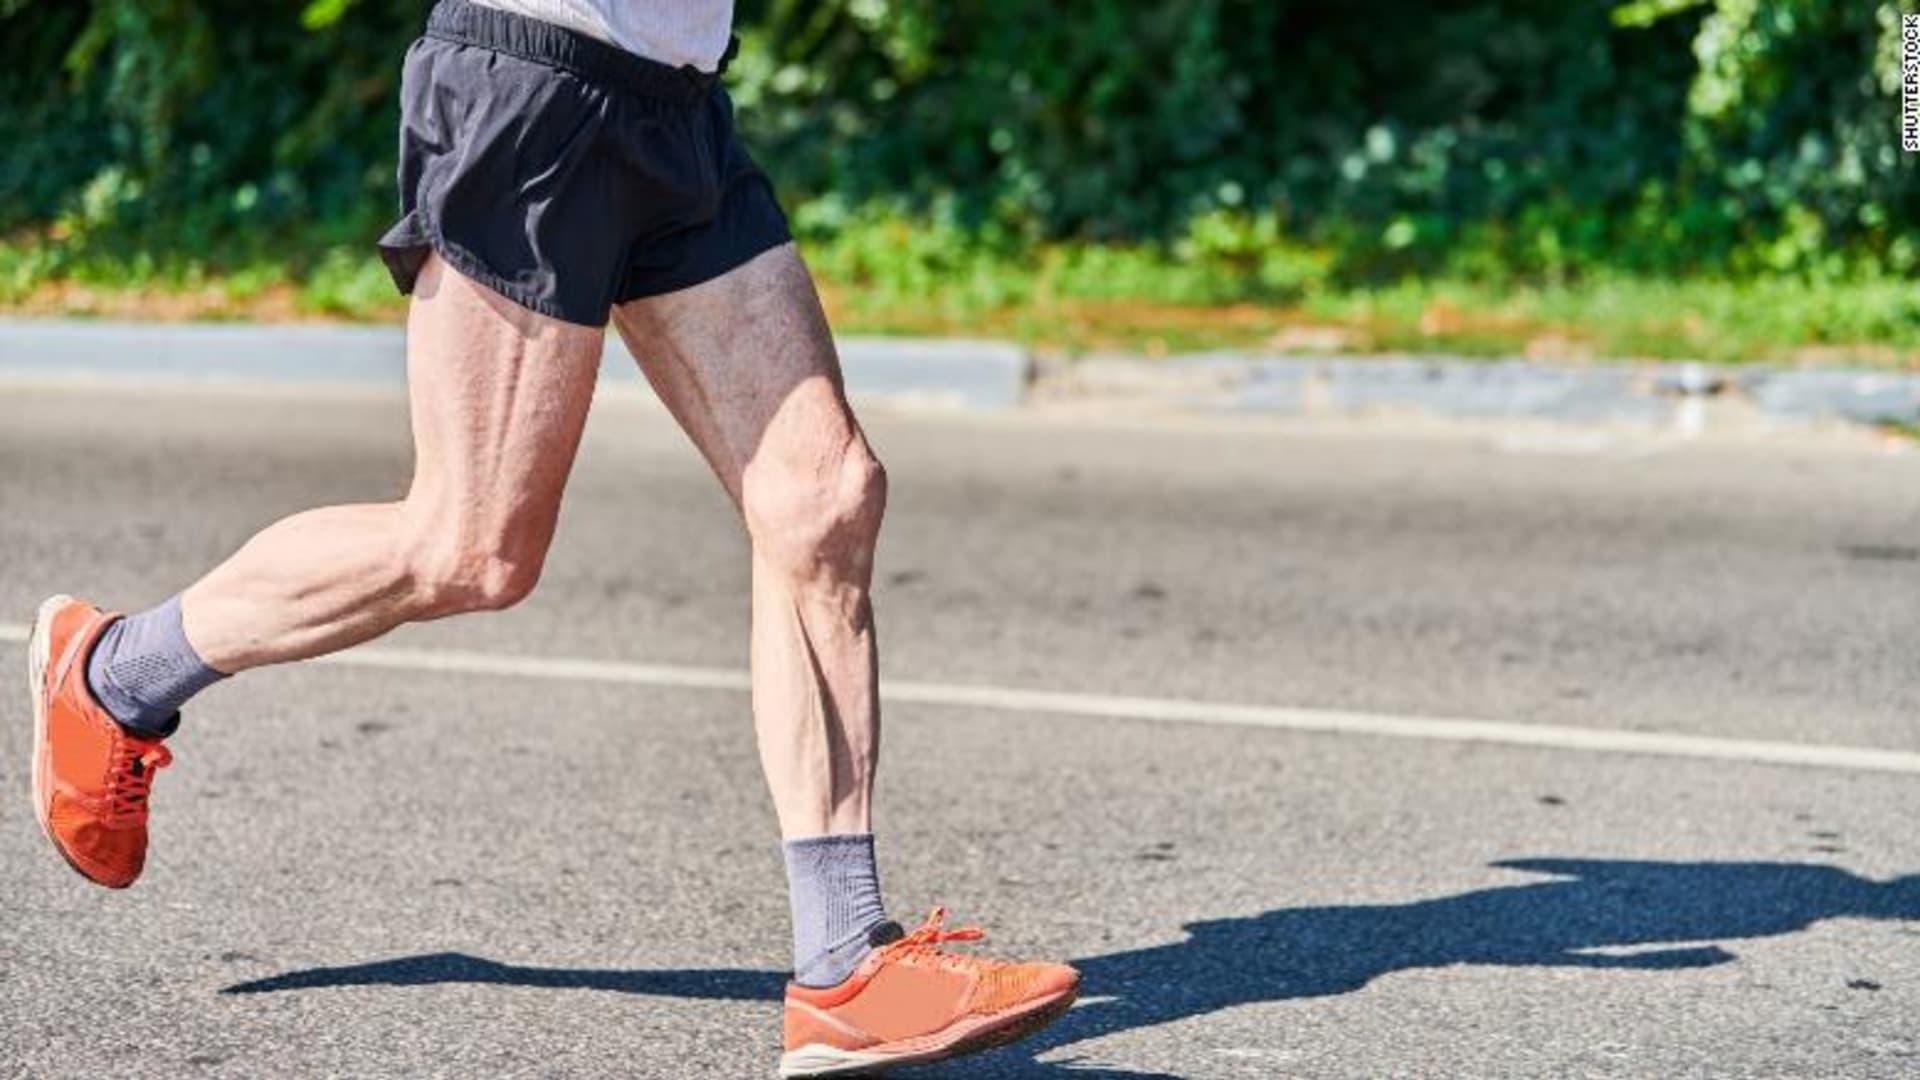 دراسة جديدة توضح أهمية النشاط البدني للوقاية من أمراض القلب والأوعية الدموية